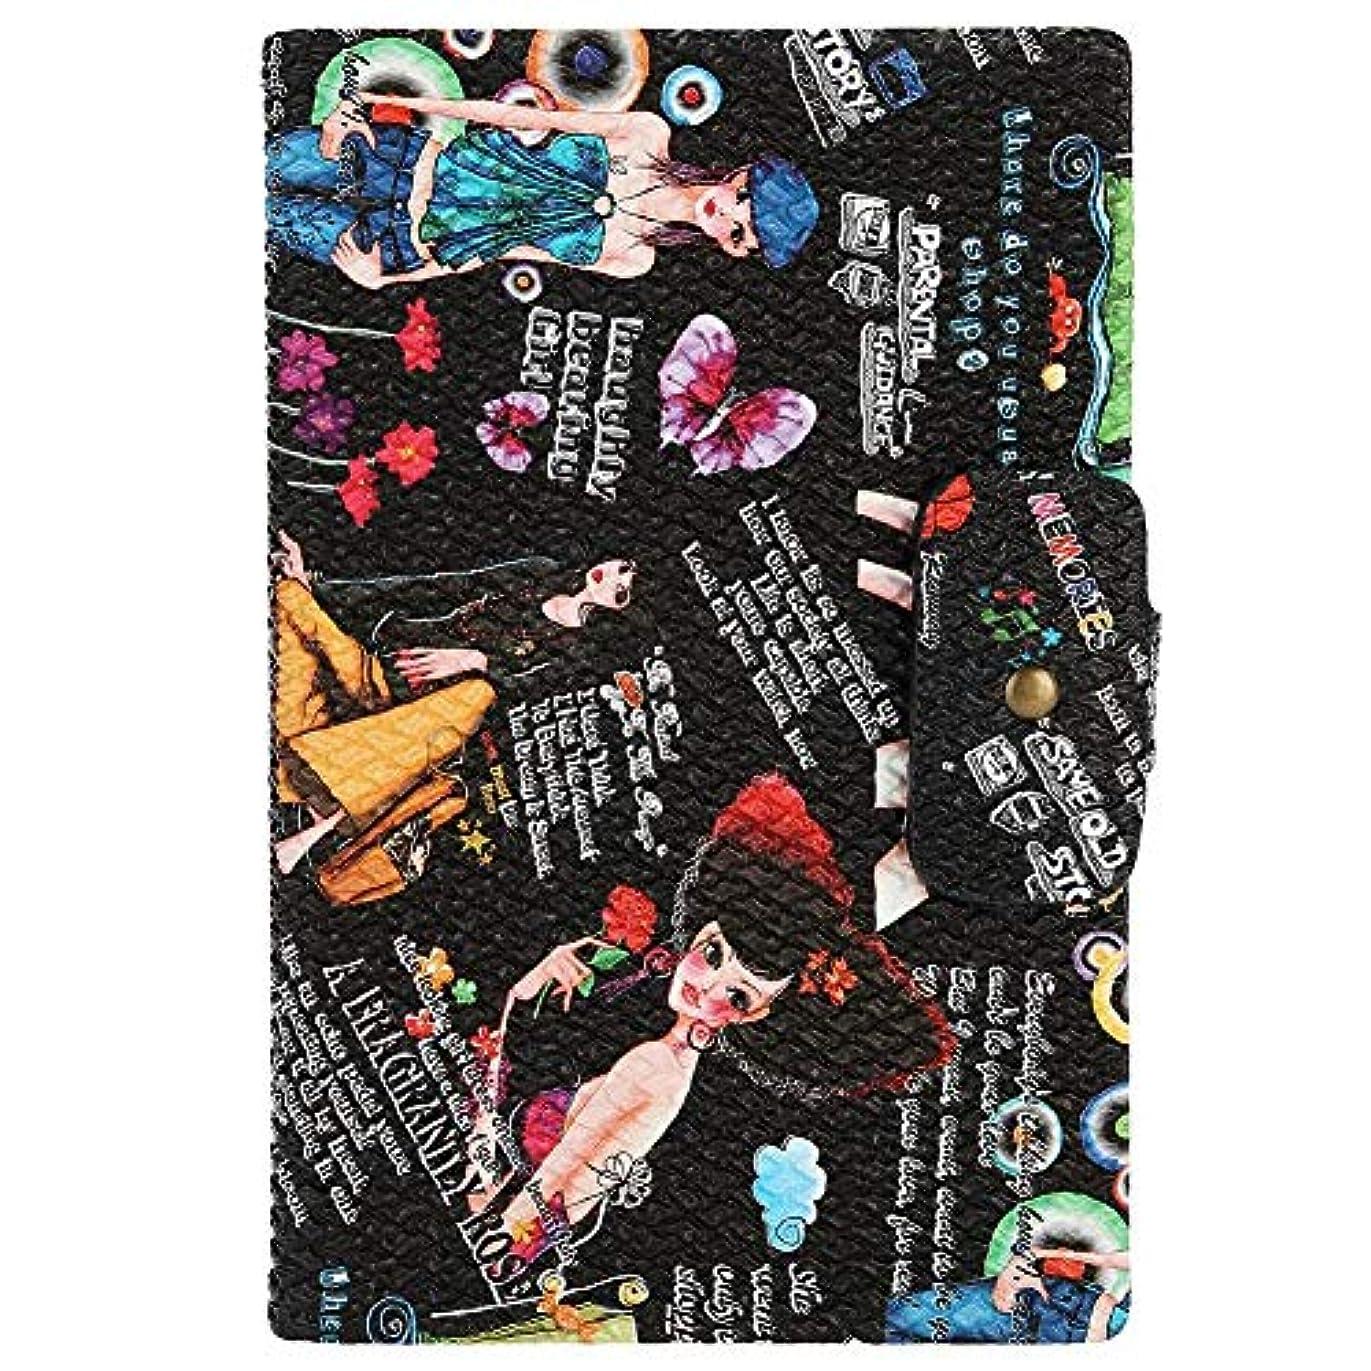 悔い改めかすかな色ネイルアートディスプレイ カード マニキュア ディスプレイボード UVジェルディスプレイカードマニキュア練習ツール(02)